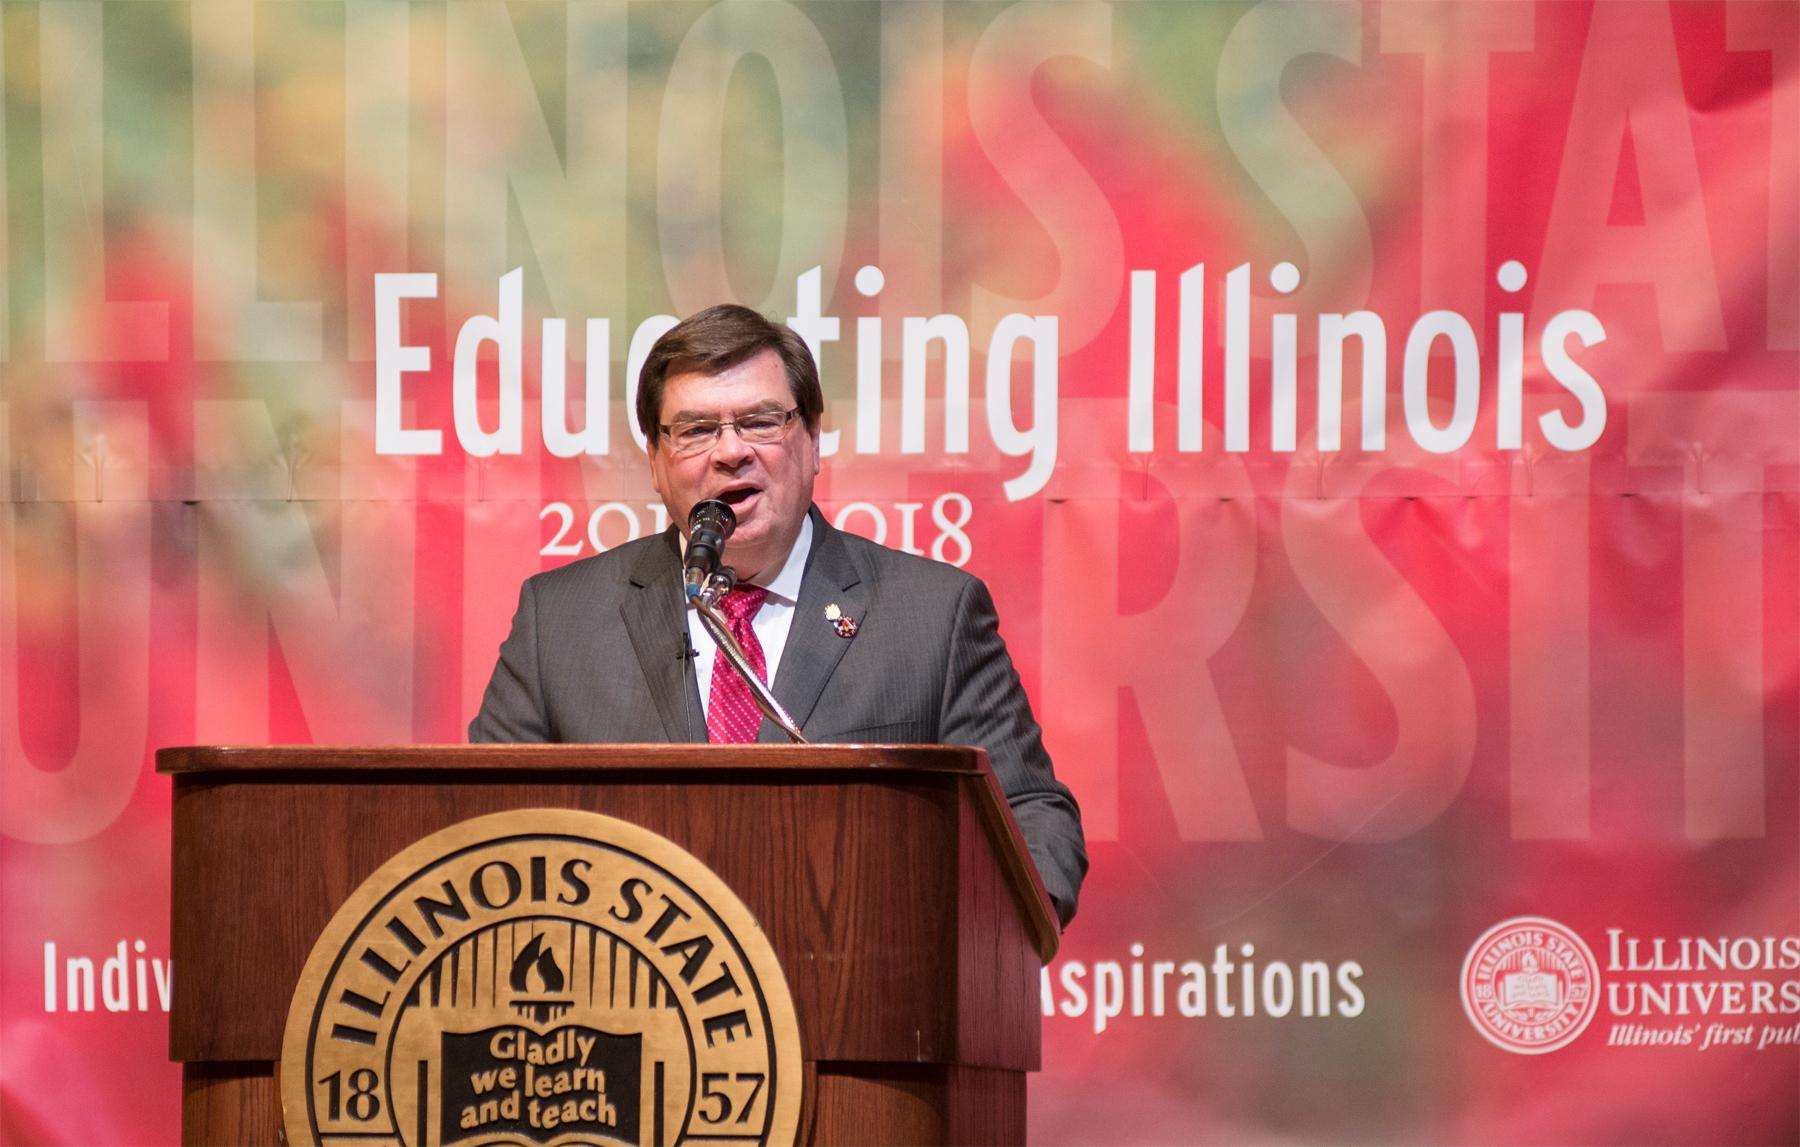 President Larry Dietz